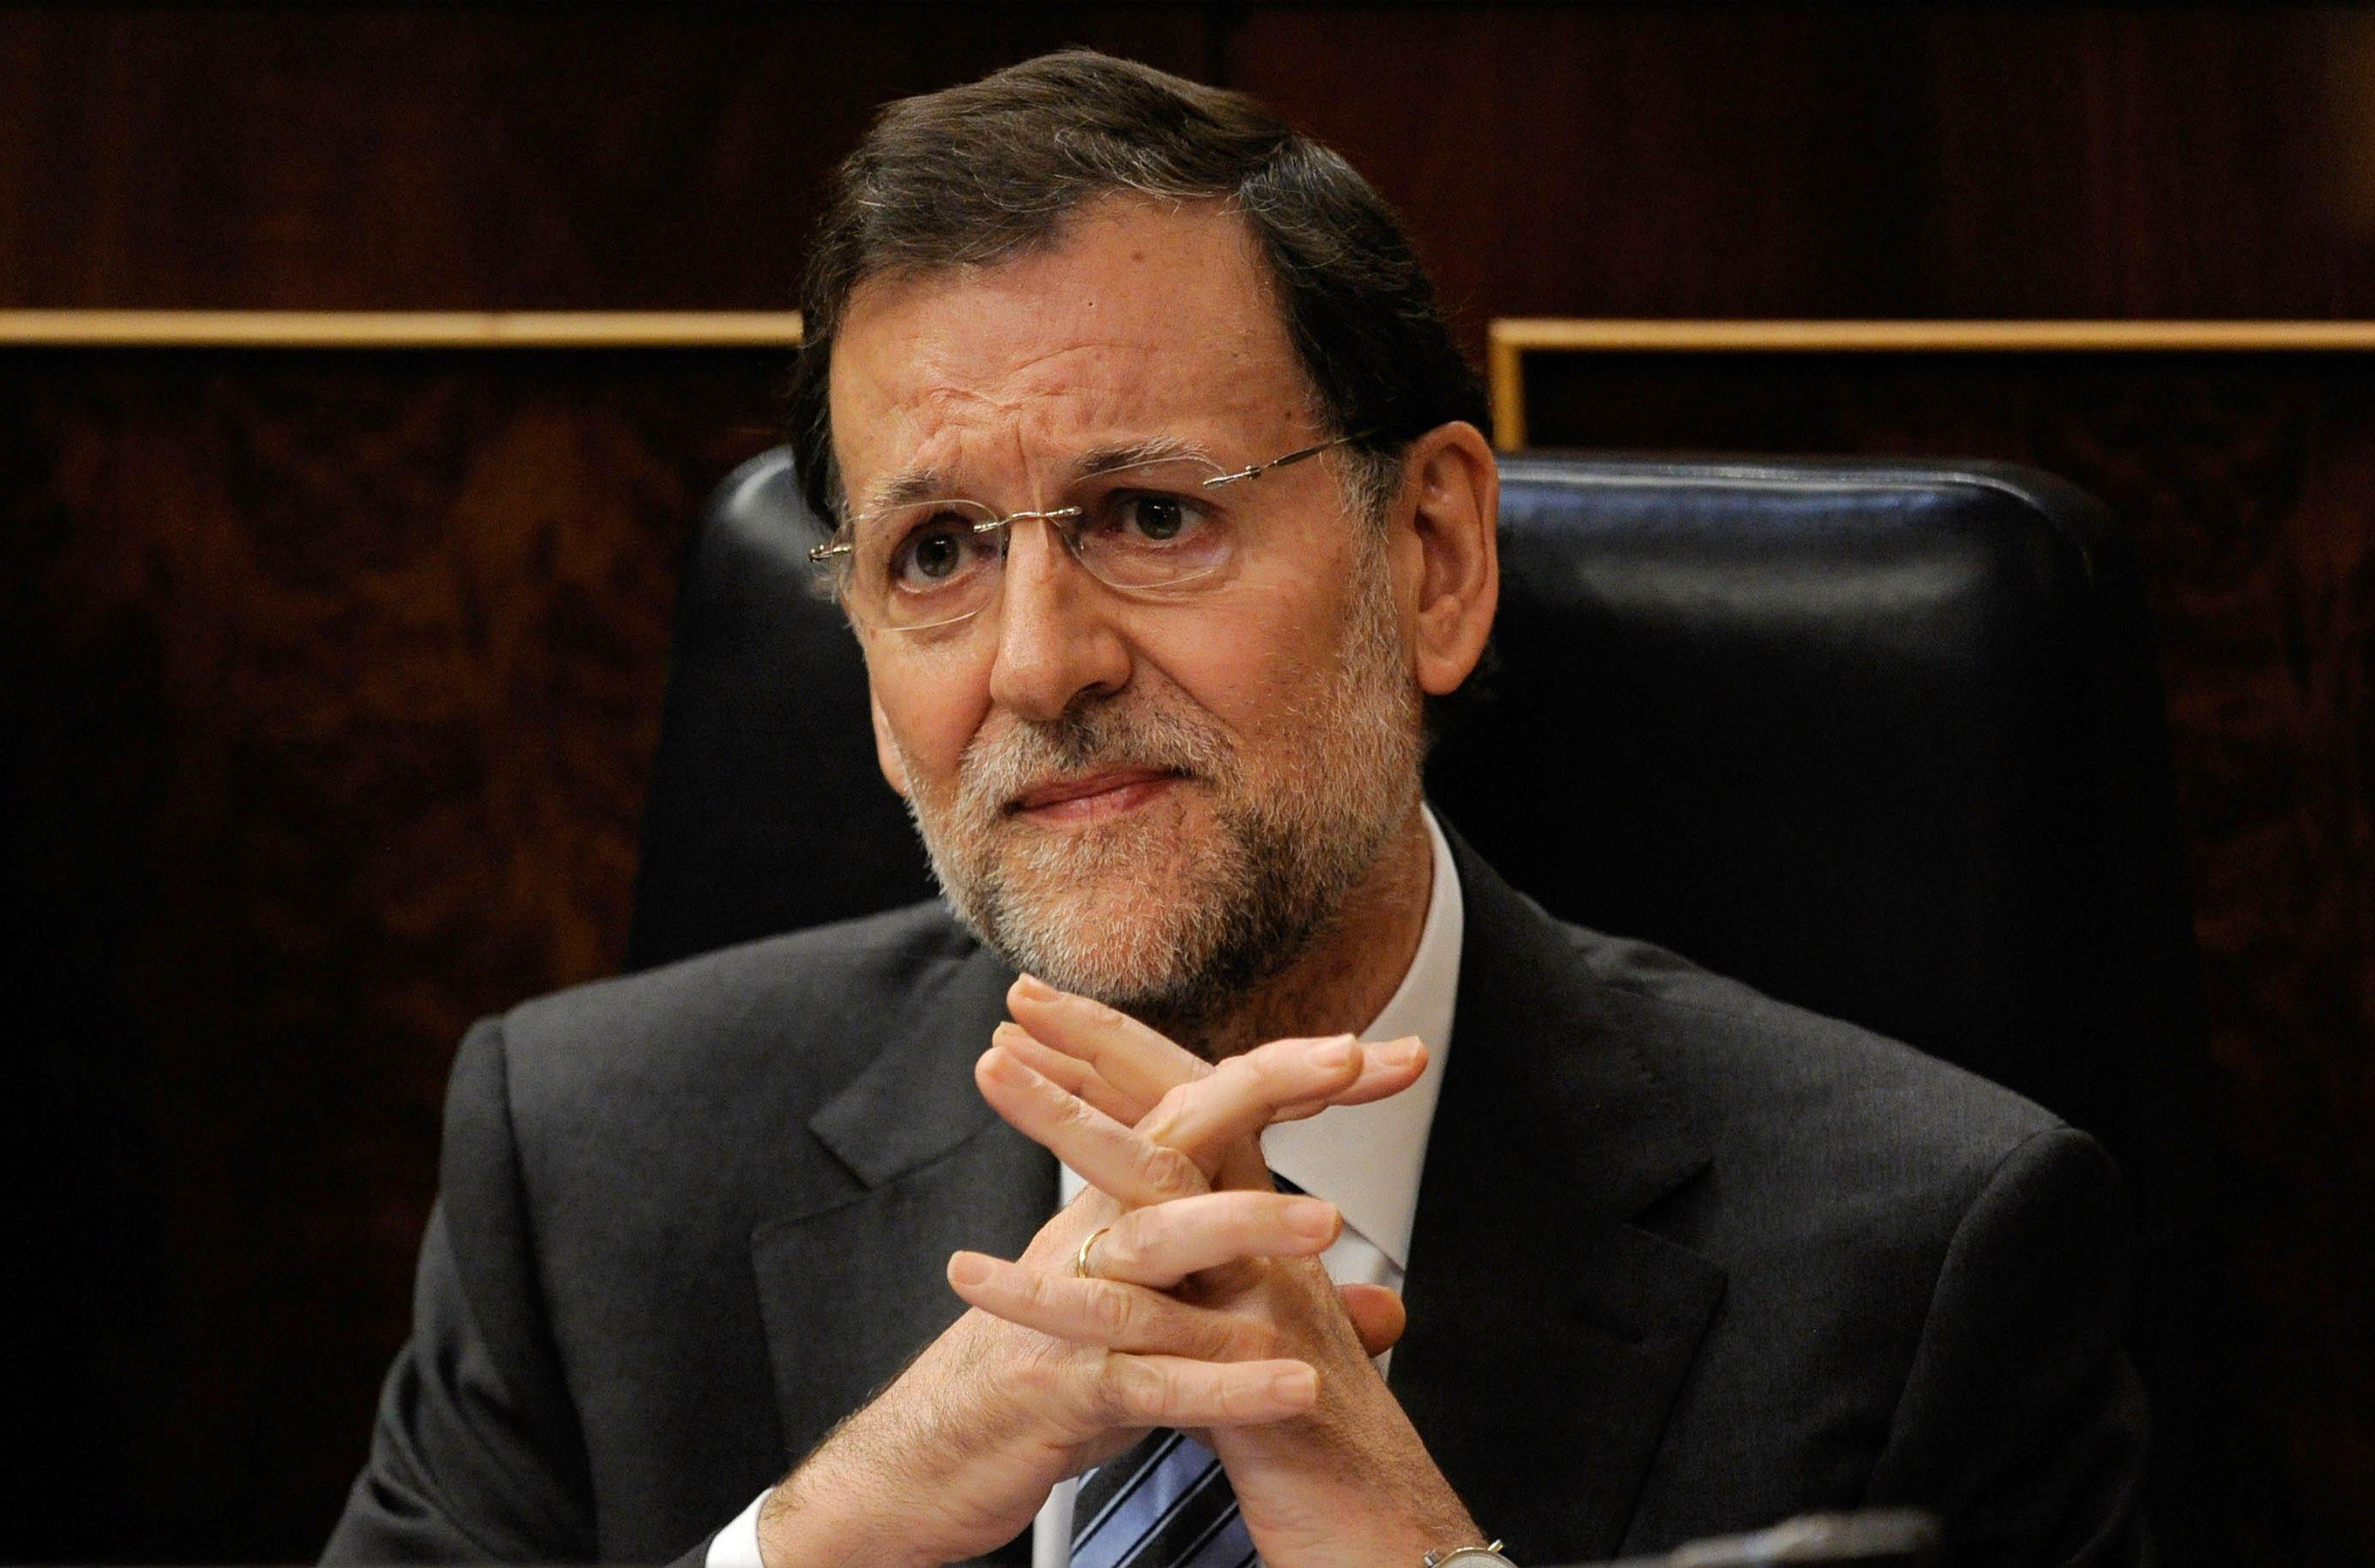 Ο Ραχόι μάλλον δεν περίμενε πολύ καλύτερο αποτέλεσμα για το κόμμα του. Έλπιζε όμως ότι θα διασωθεί χάρη στους Ciudadanos, οι οποίοι δεν τα κατάφεραν. Τα δύο πιο αξιόπιστα «χαρτιά» του βαθέος ισπανικού κράτους και της ευρωκρατίας τσαλακώθηκαν αρκετά σ' αυτές τις εκλογές.